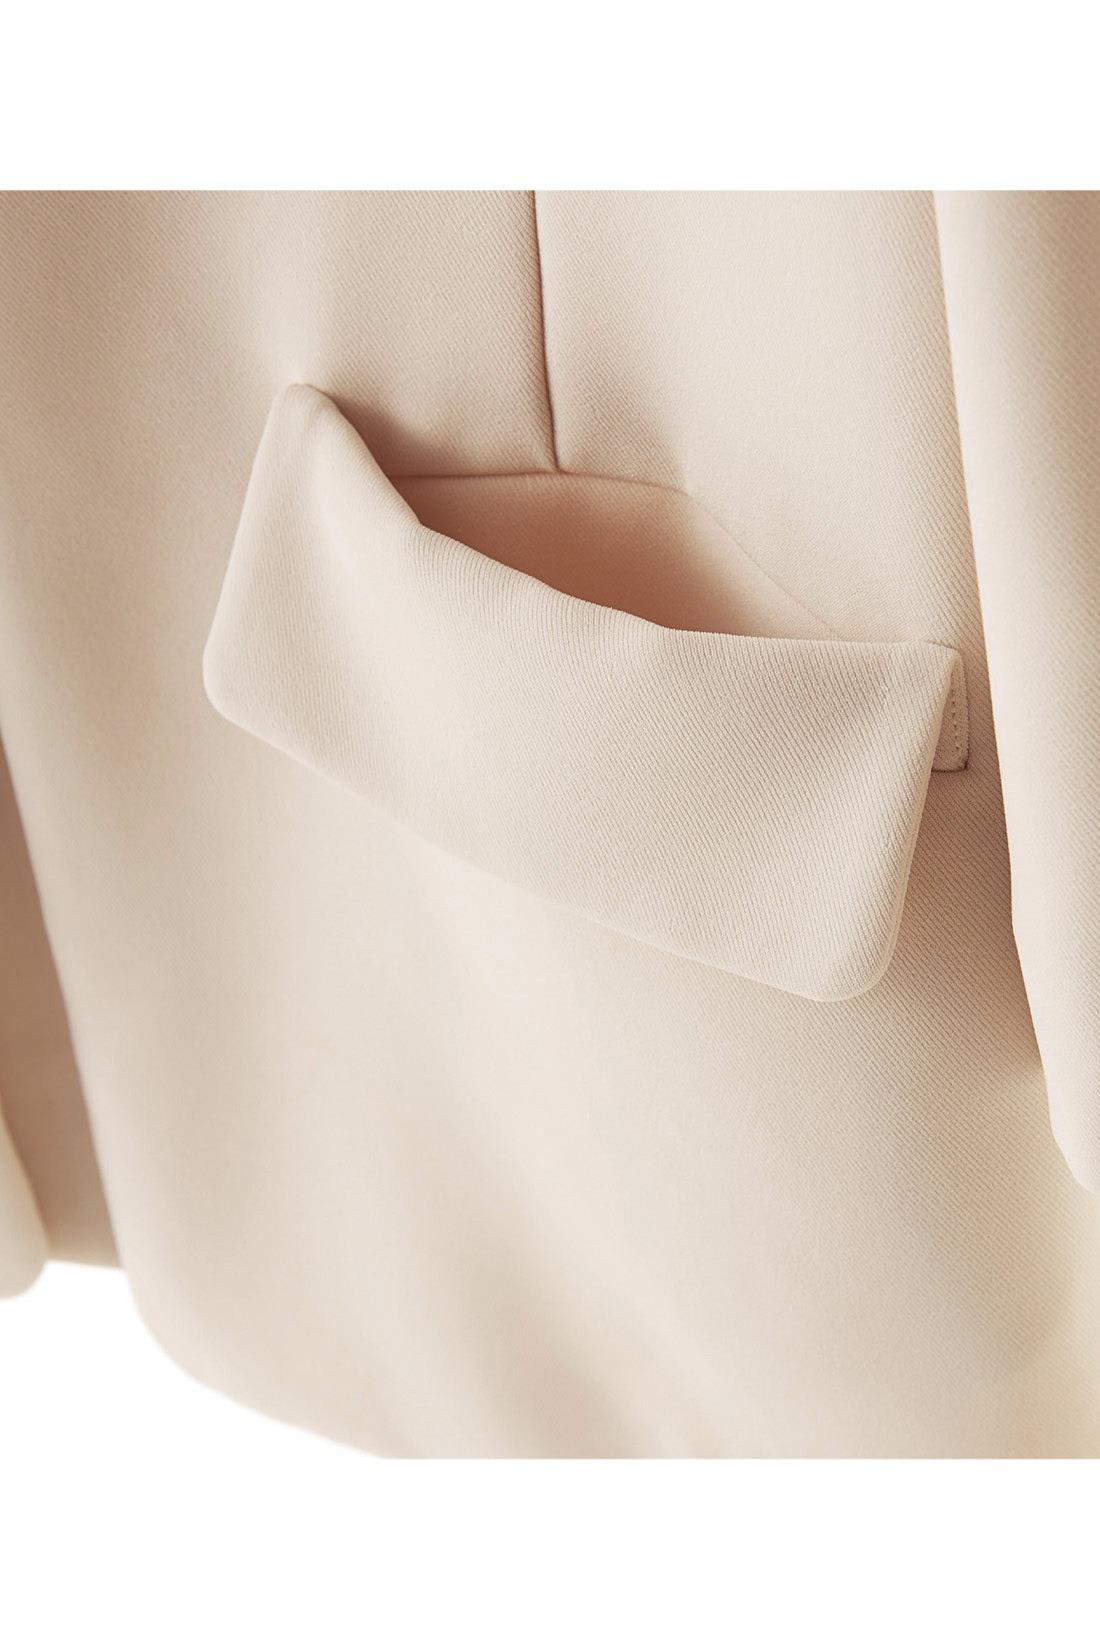 アクセントになるフラップデザインのポケットは、そのまま手が入る仕様。